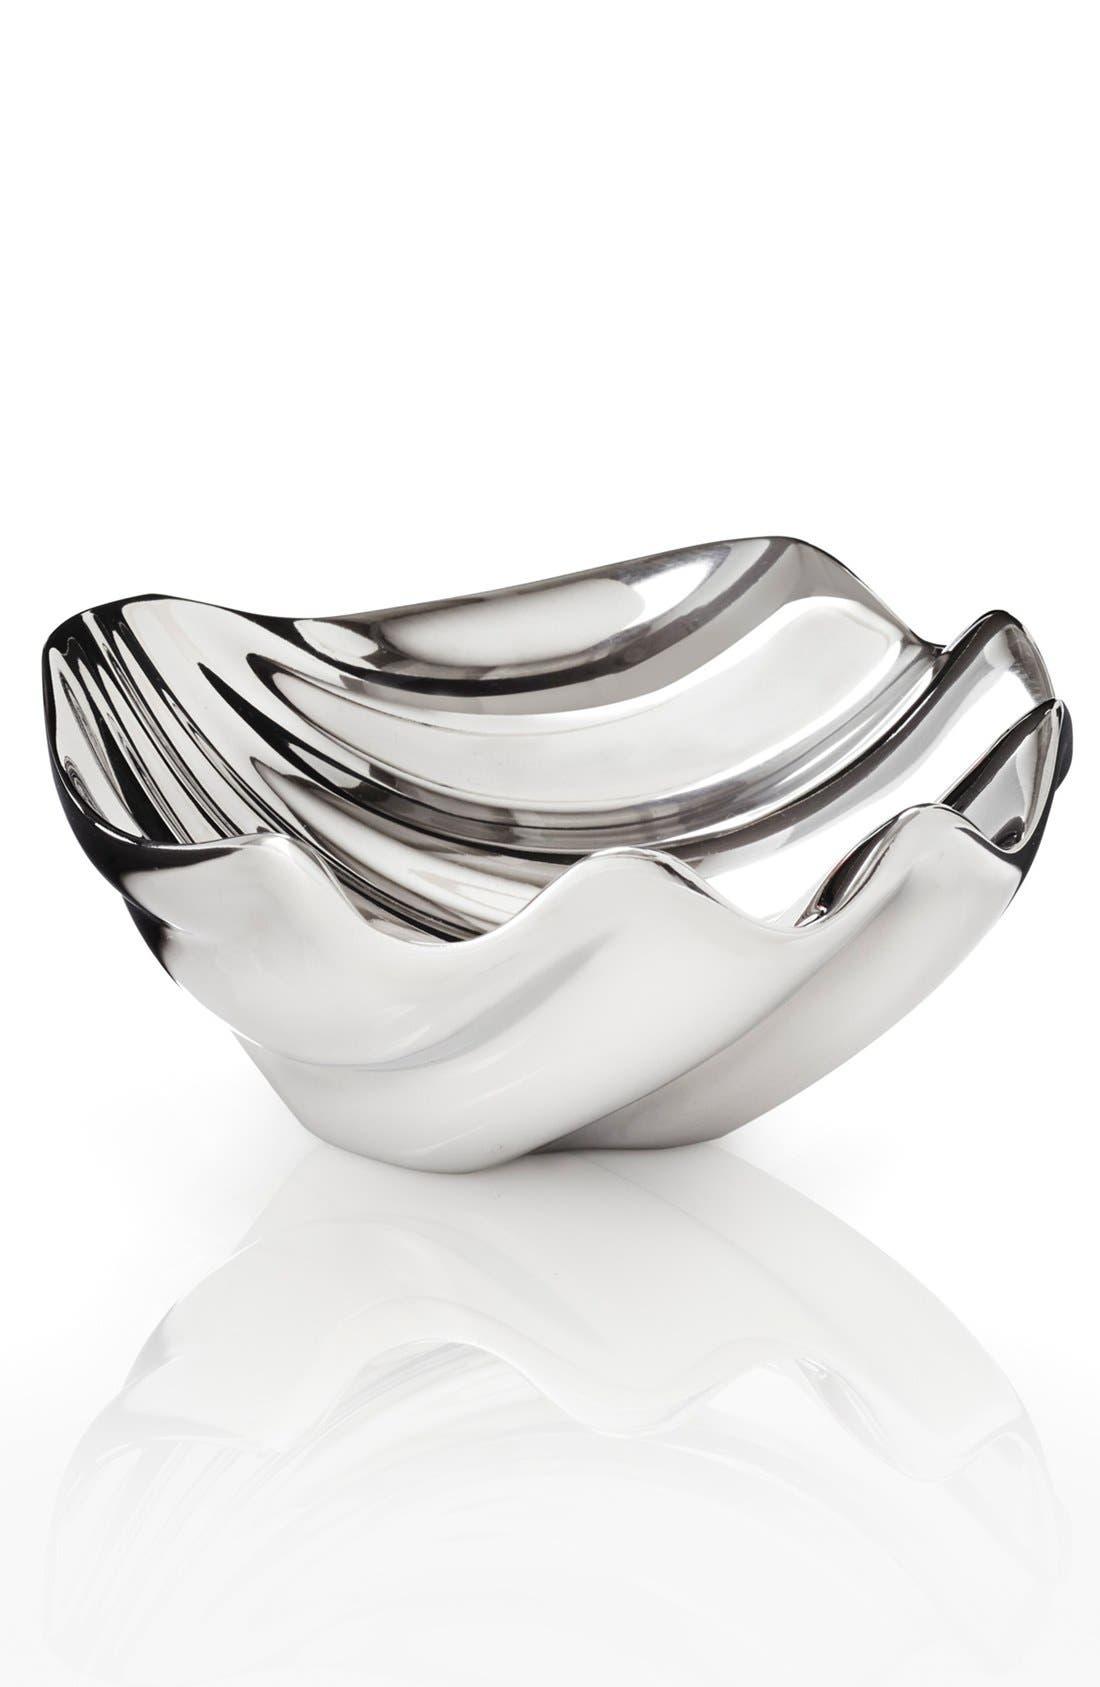 NAMBÉ 'Oceana' Seashell Dip Bowl